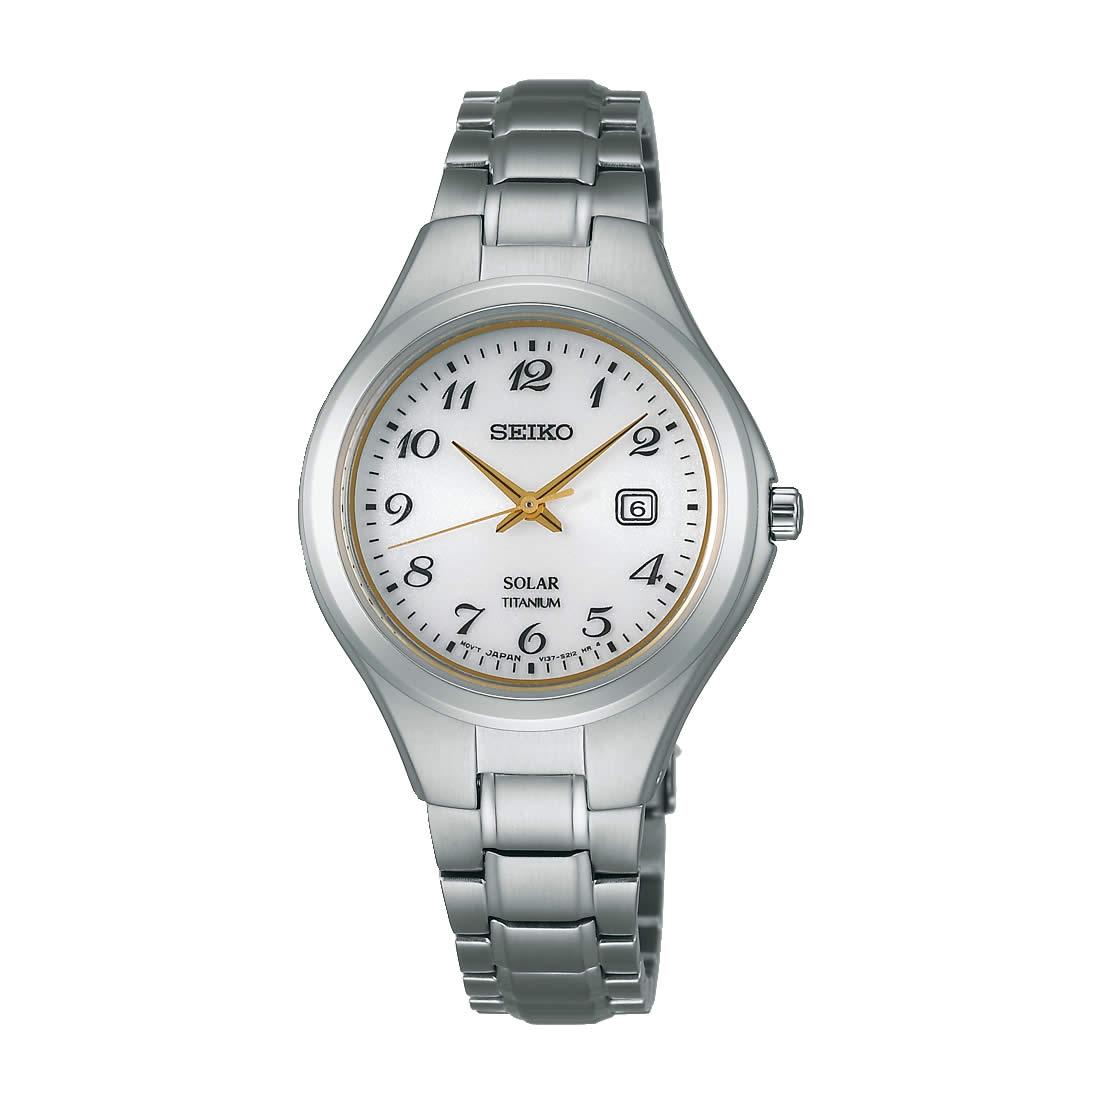 【送料無料】【国内正規品】セイコー スピリット SEIKO SPIRIT 腕時計 ソーラー チタン レディース STPX025 100M 10気圧防水 ビジネス シンプル ソーラー腕時計 ペアウォッチ 金属アレルギー対応 うでどけい とけい WATCH 時計【取り寄せ】